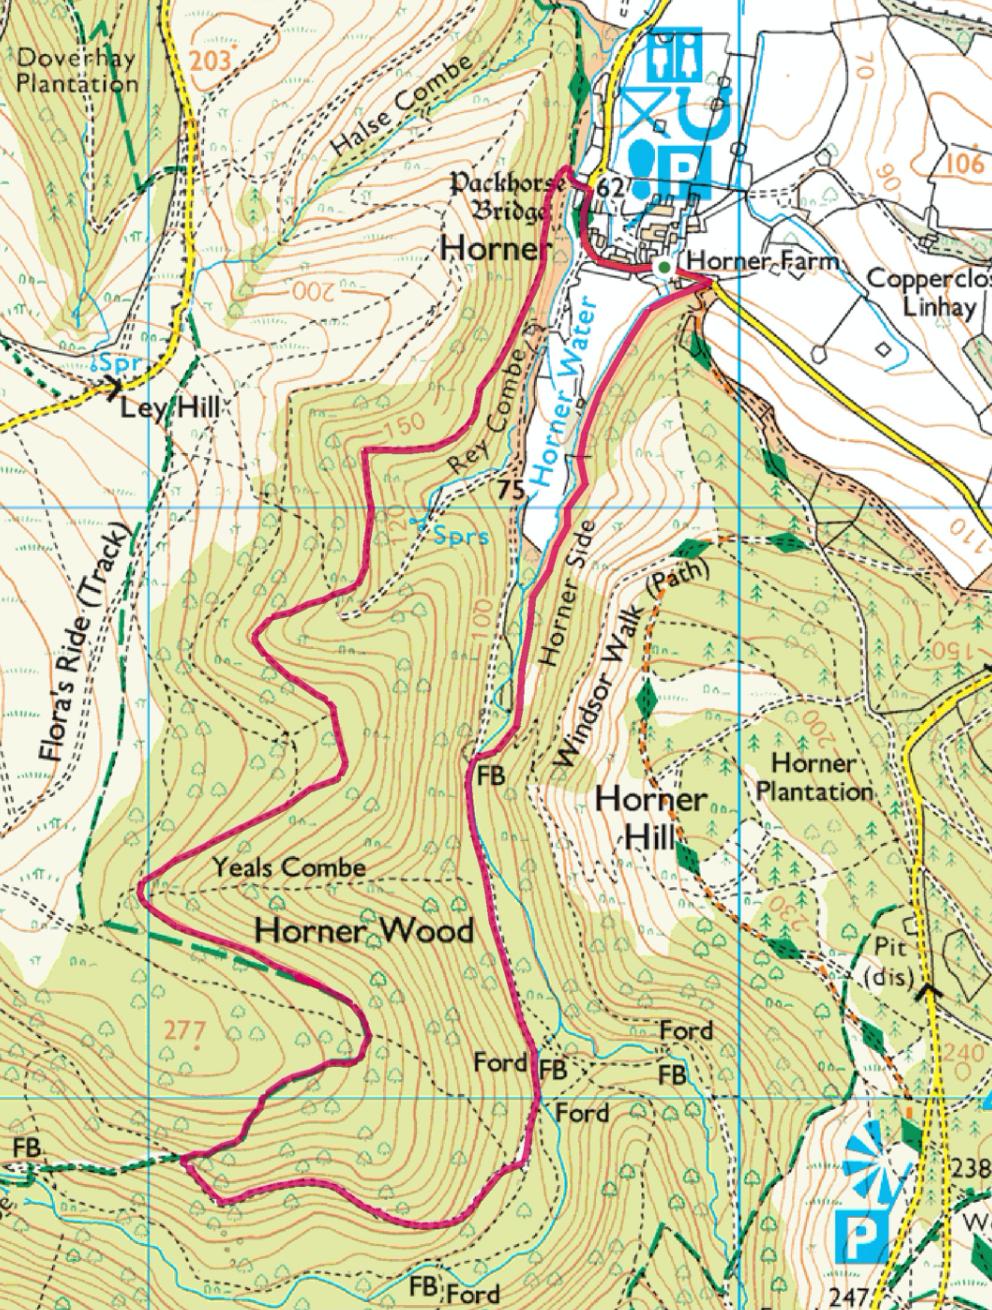 Ordnance Survey map around Horner in Somerset